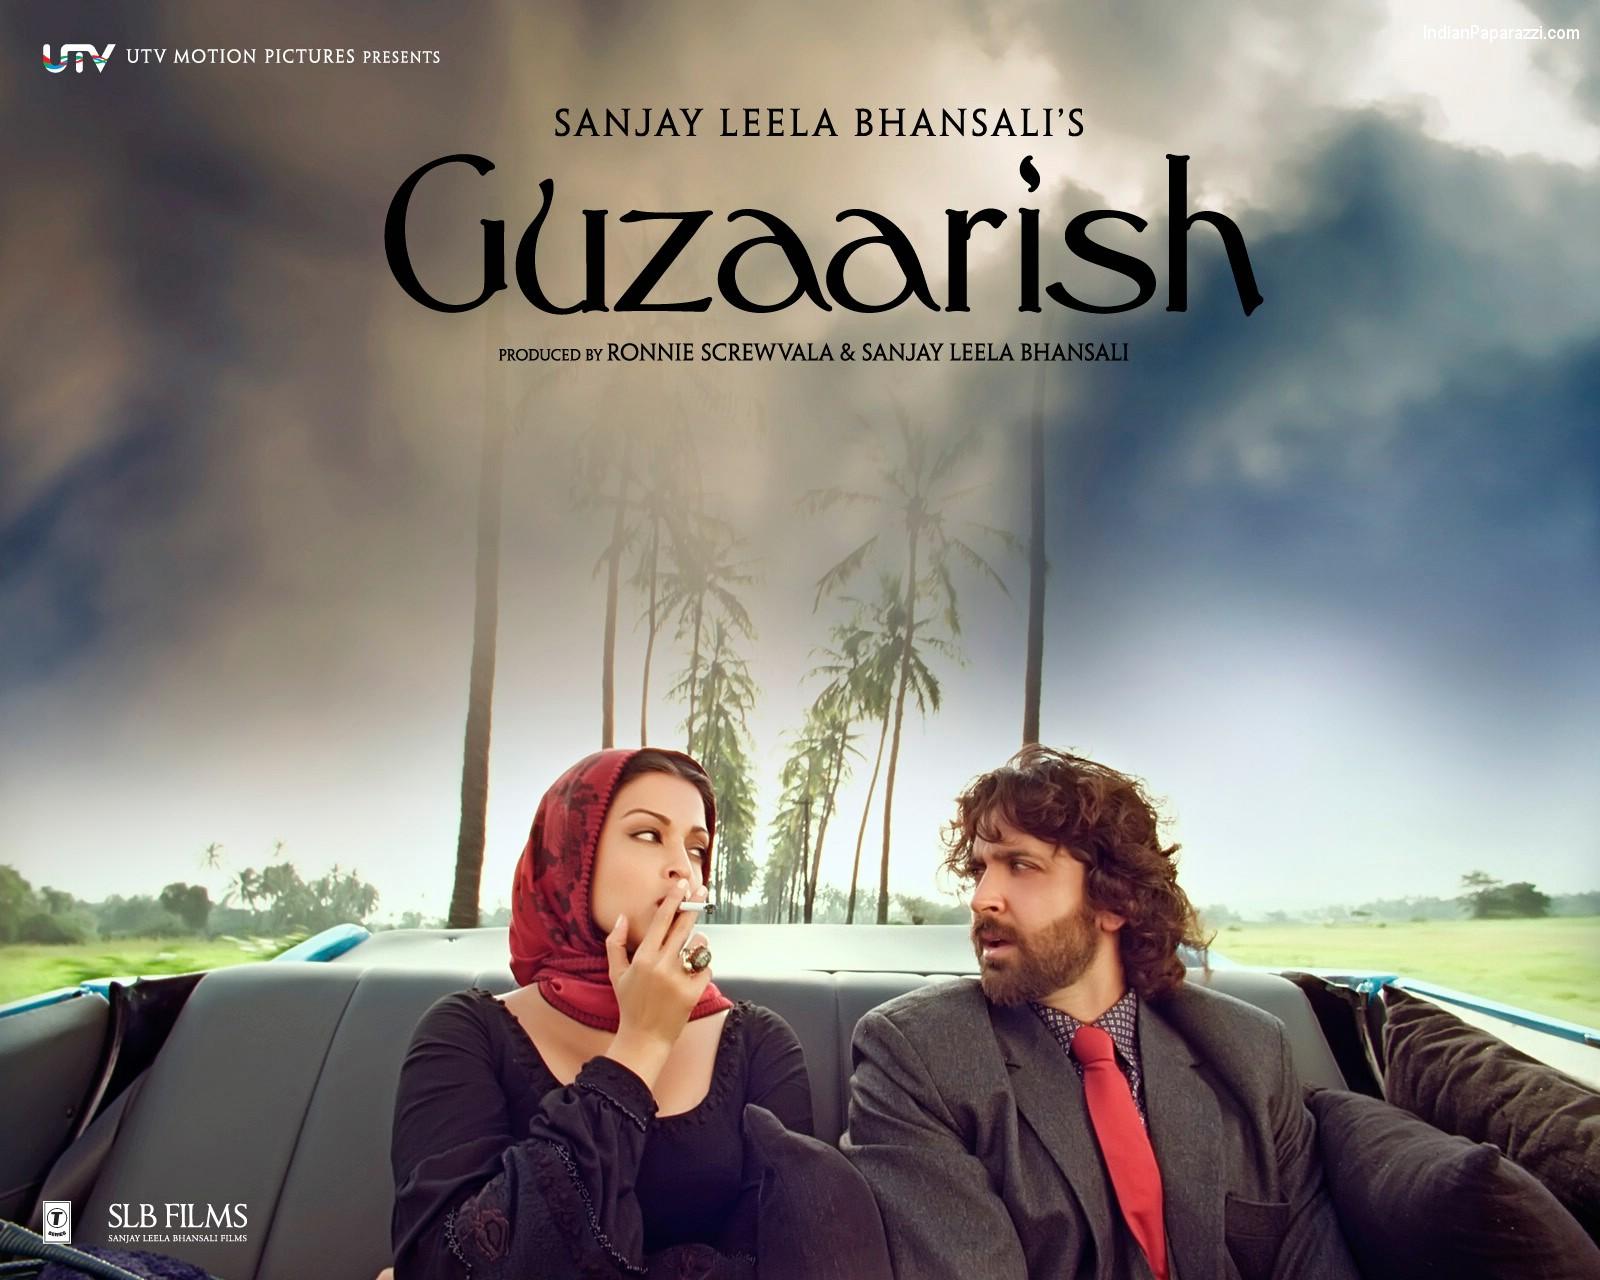 http://3.bp.blogspot.com/-x8OSPx3XfPo/T2n01NJ6-iI/AAAAAAAAESU/6l_4LuuSfdo/s1600/eswar-Bollywood+Hindi+Movie+Guzaarish+Wallpapers.jpg